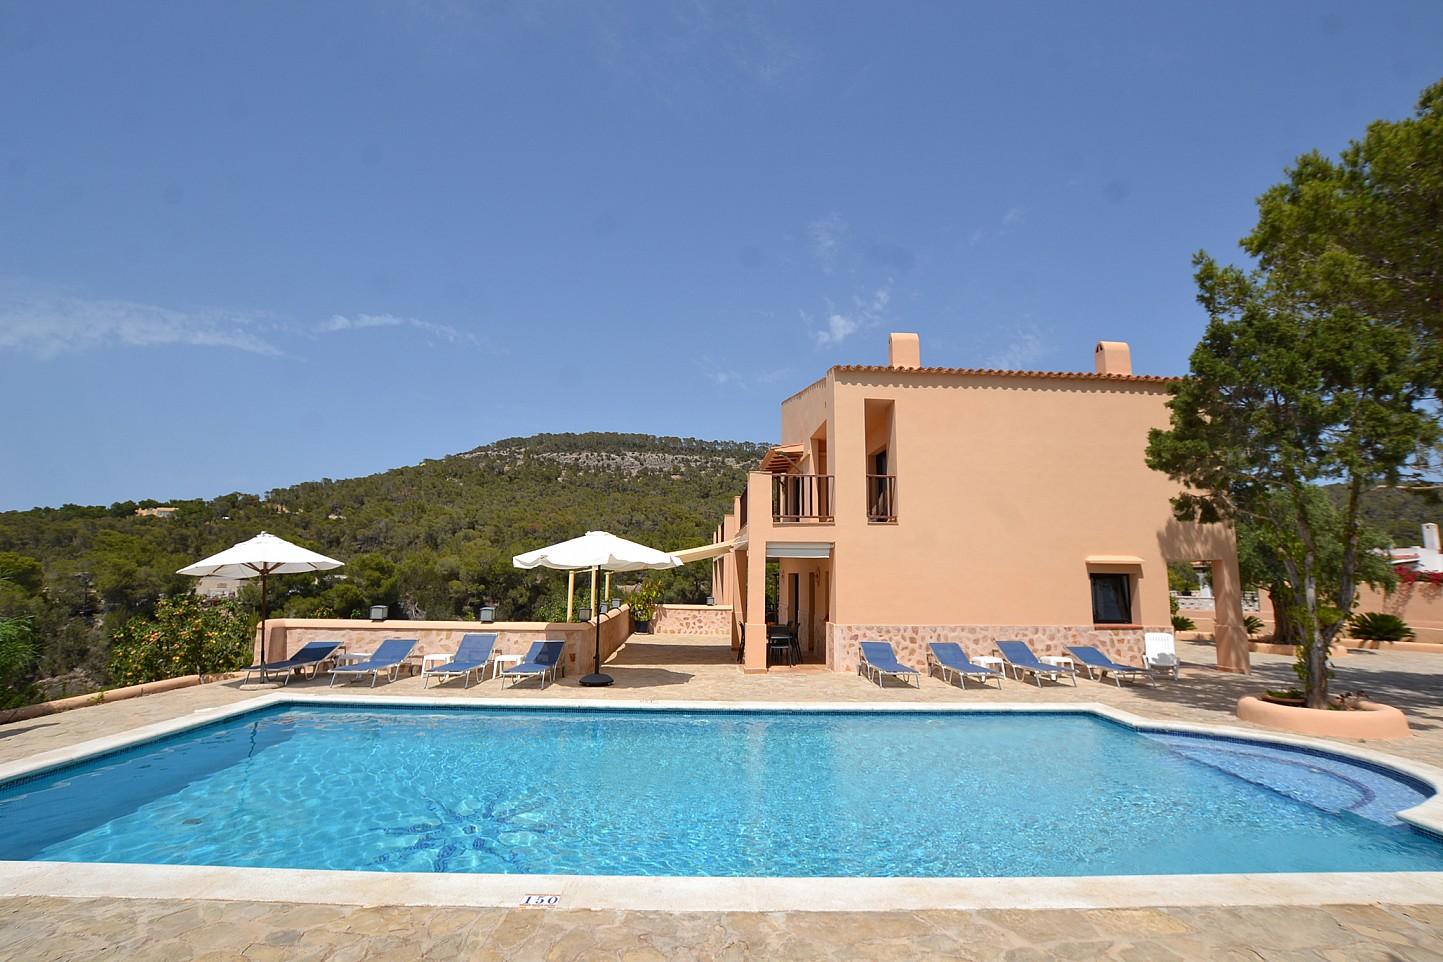 Gran piscina amb hamaques a la part lateral de la casa